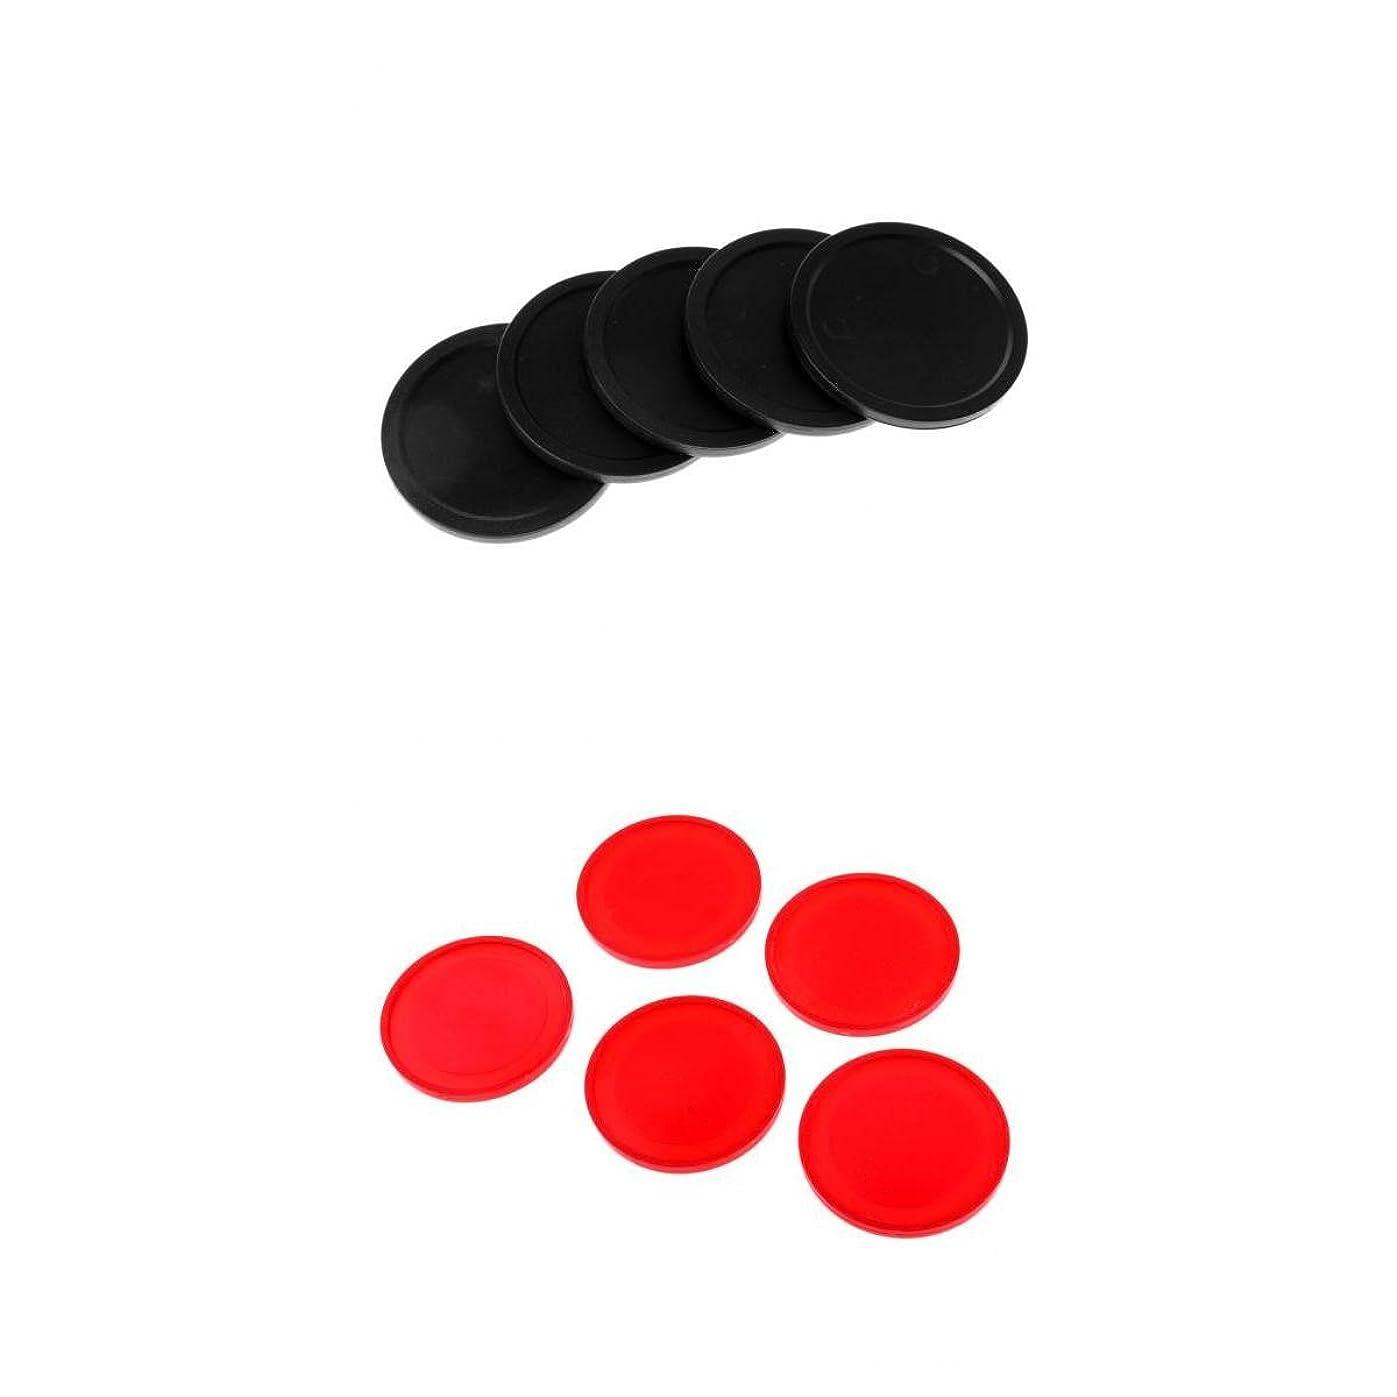 春革新農民Flameer 耐久性 テーブルゲーム 交換パック エアホッケー 置き換え 一般通用サイズ